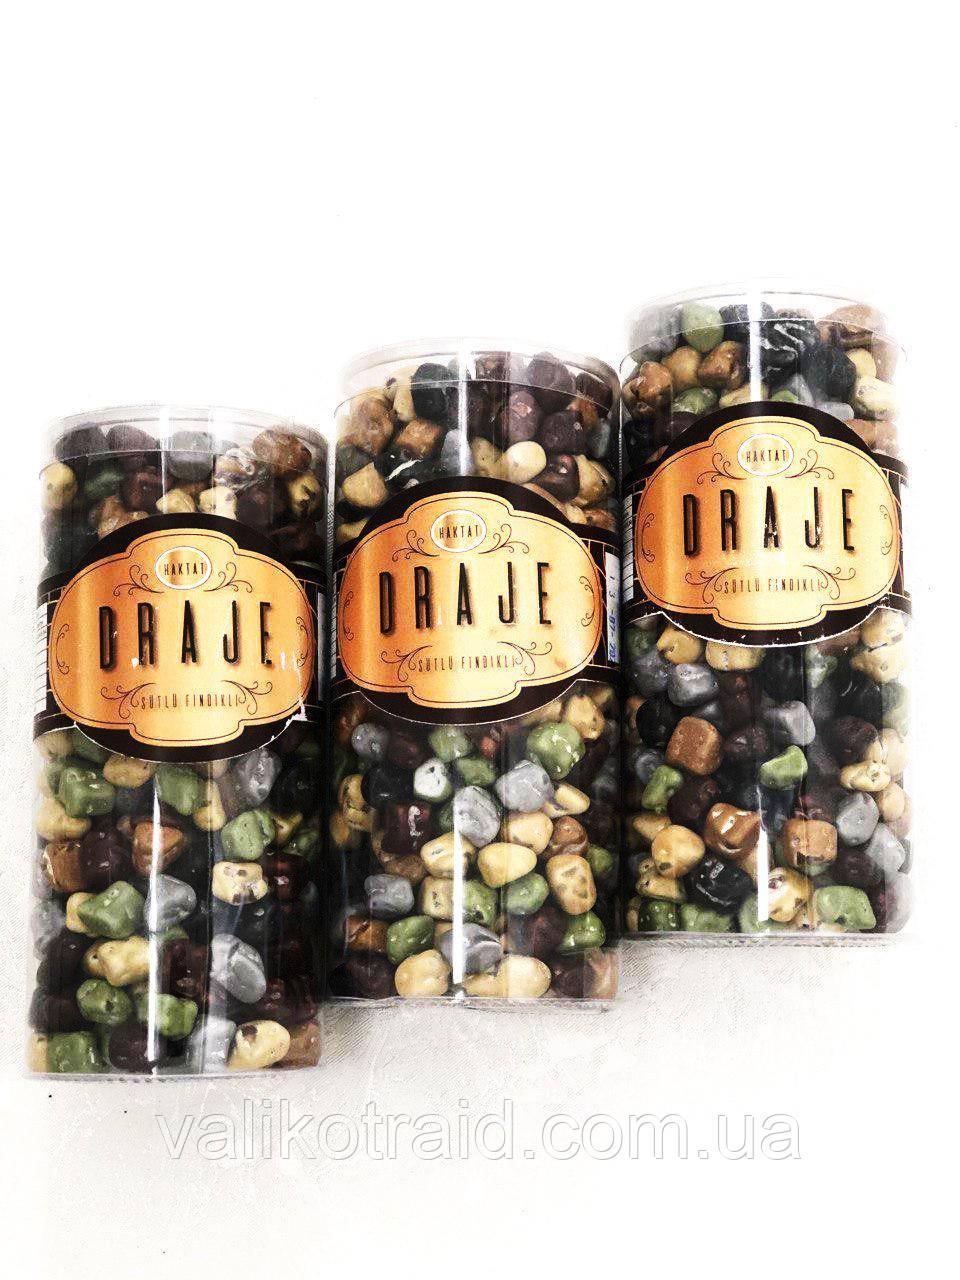 Турецький шоколад морські камінці Шоколадне драже 300 гр, , турецькі солодощі